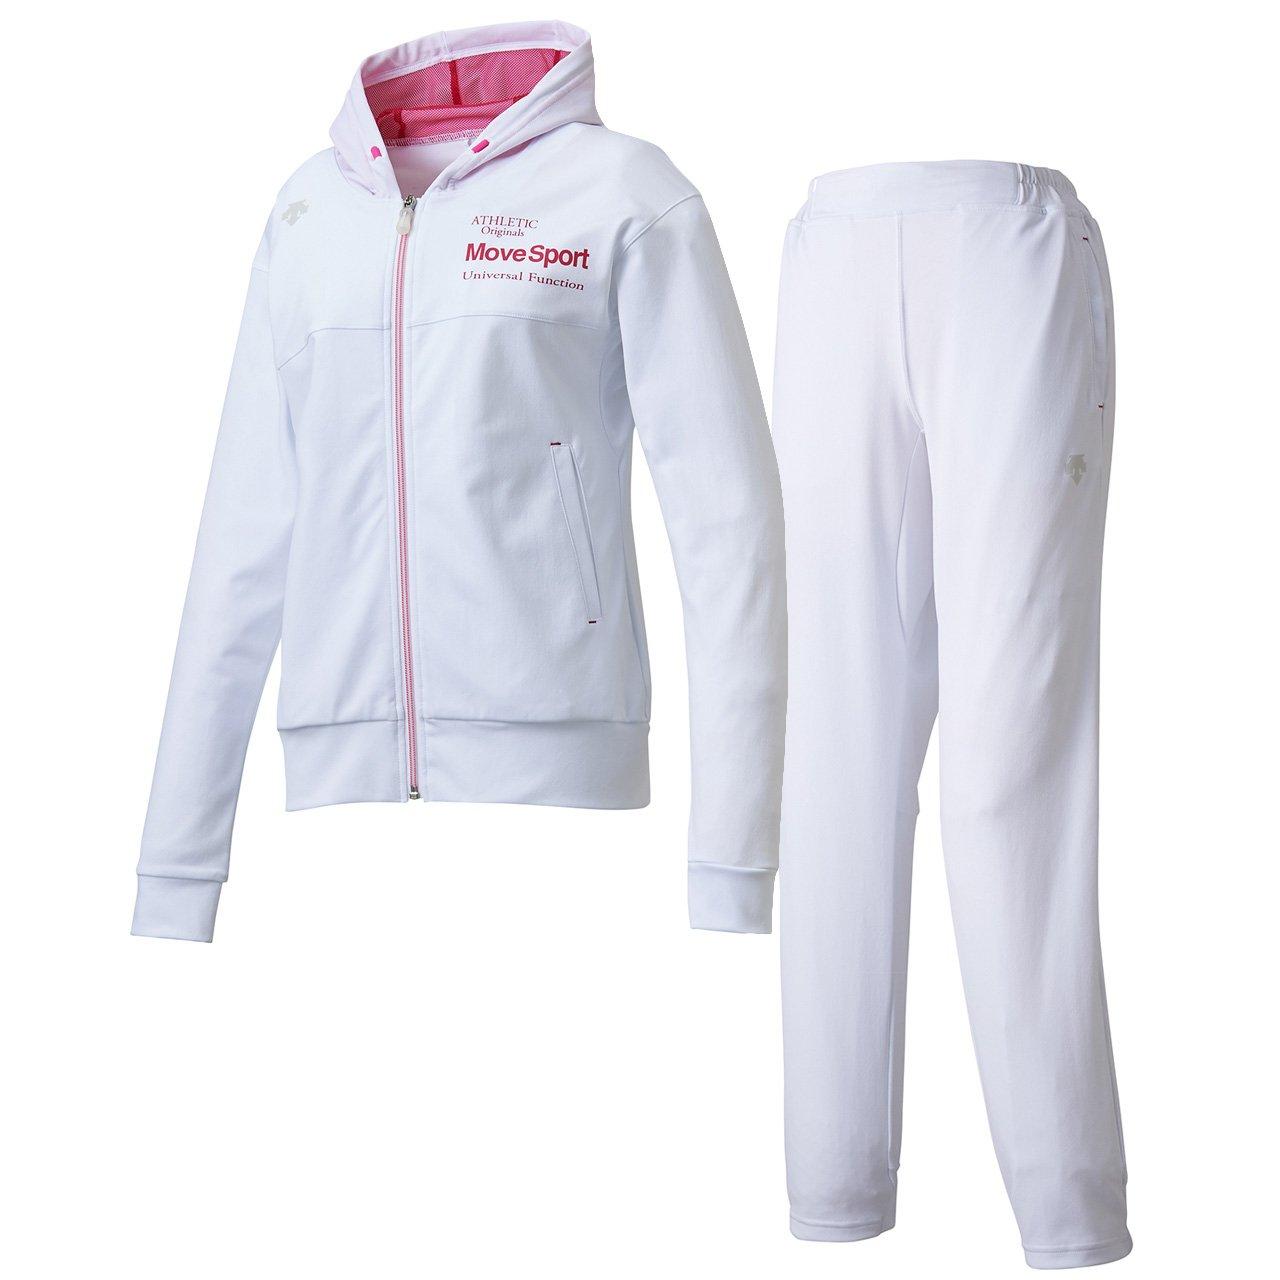 デサント(DESCENTE) レディース サンスクリーン トレーニングジャケット&パンツ上下セット(ホワイト/ホワイト) DMWLJF10-WHT-DMWLJG10-WHT B079NYGF48 日本 S-(日本サイズS相当)|ホワイト/ホワイト ホワイト/ホワイト 日本 S-(日本サイズS相当)